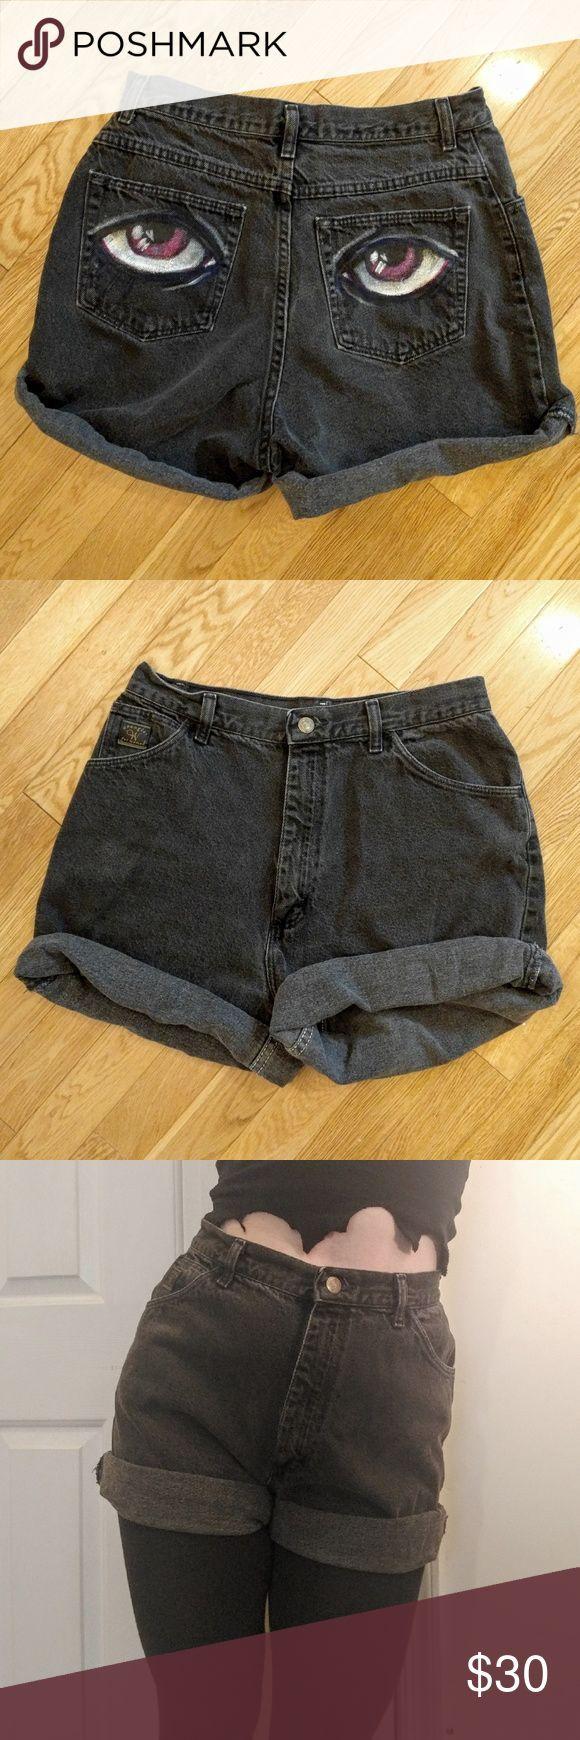 Photo of Handbemalte hoch taillierte Wrangler-Shorts? Sehr süße Vintage Black Denim    …